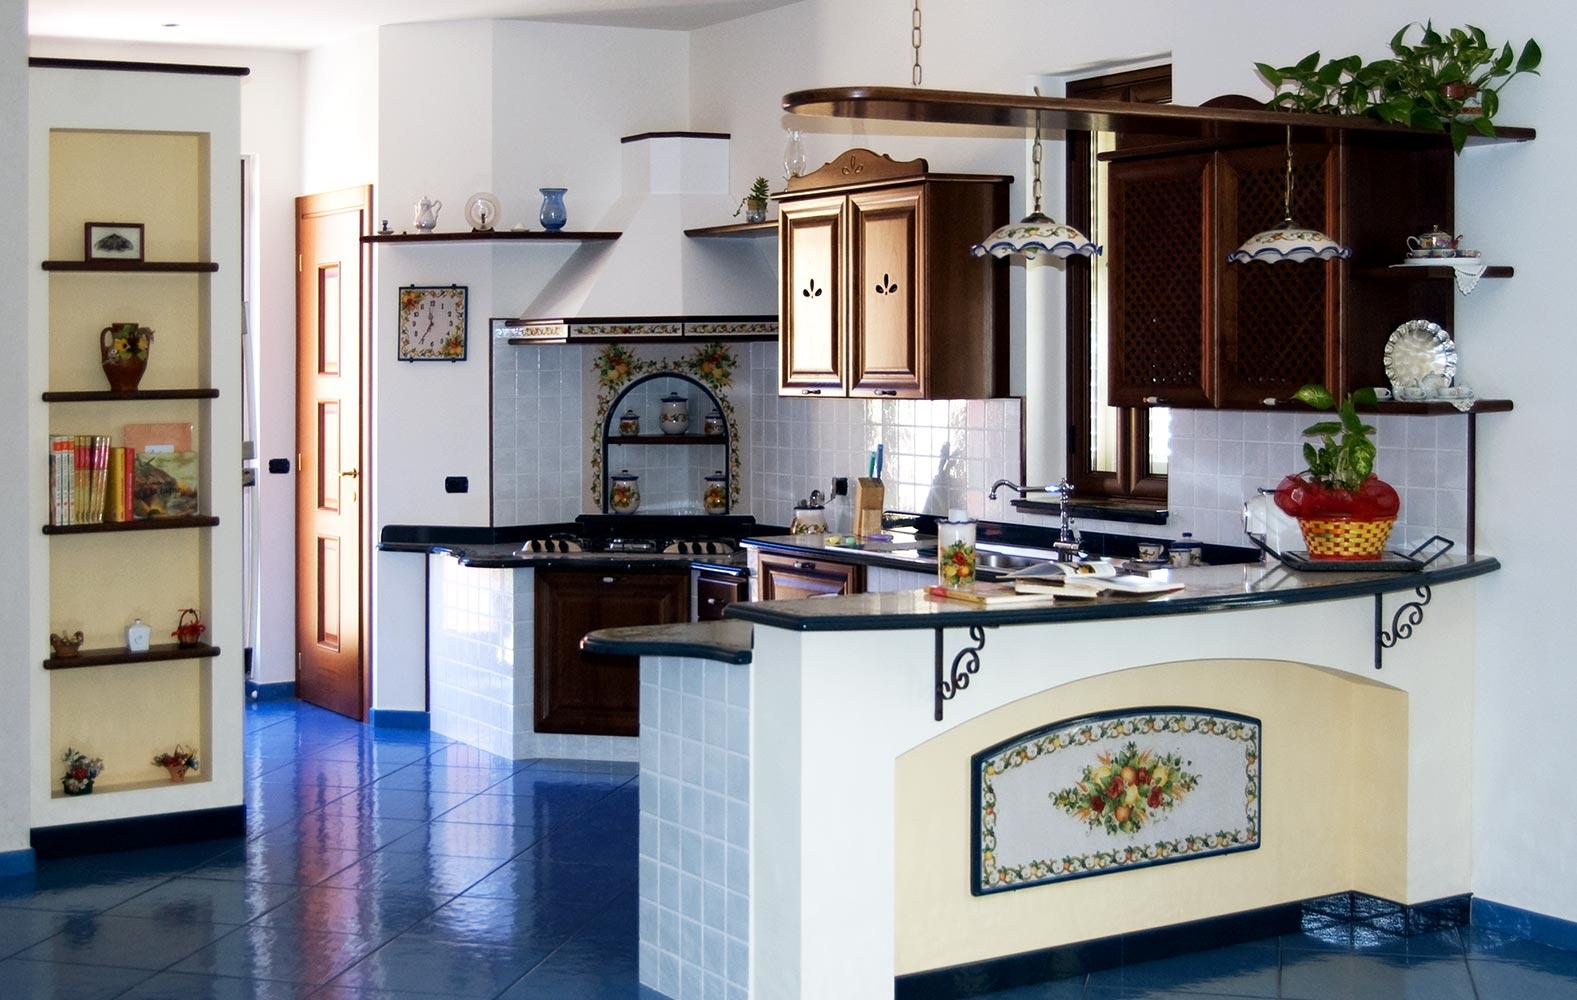 Realizziamo cucine in stile caltagirone decorate a mano for Realizza la tua cucina